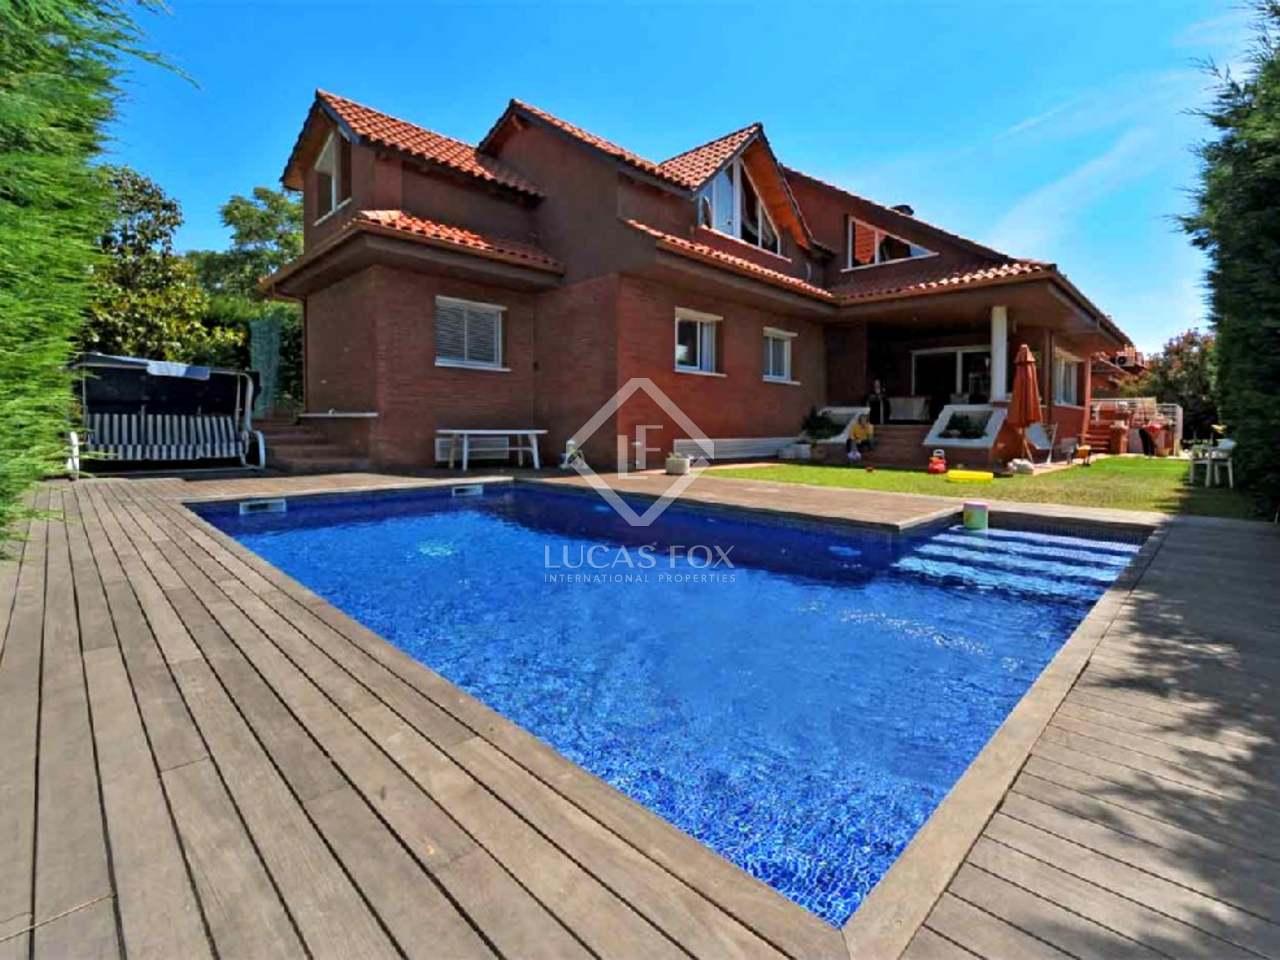 Casa en venta en sant cugat con piscina y jard n for Piscina sant cugat